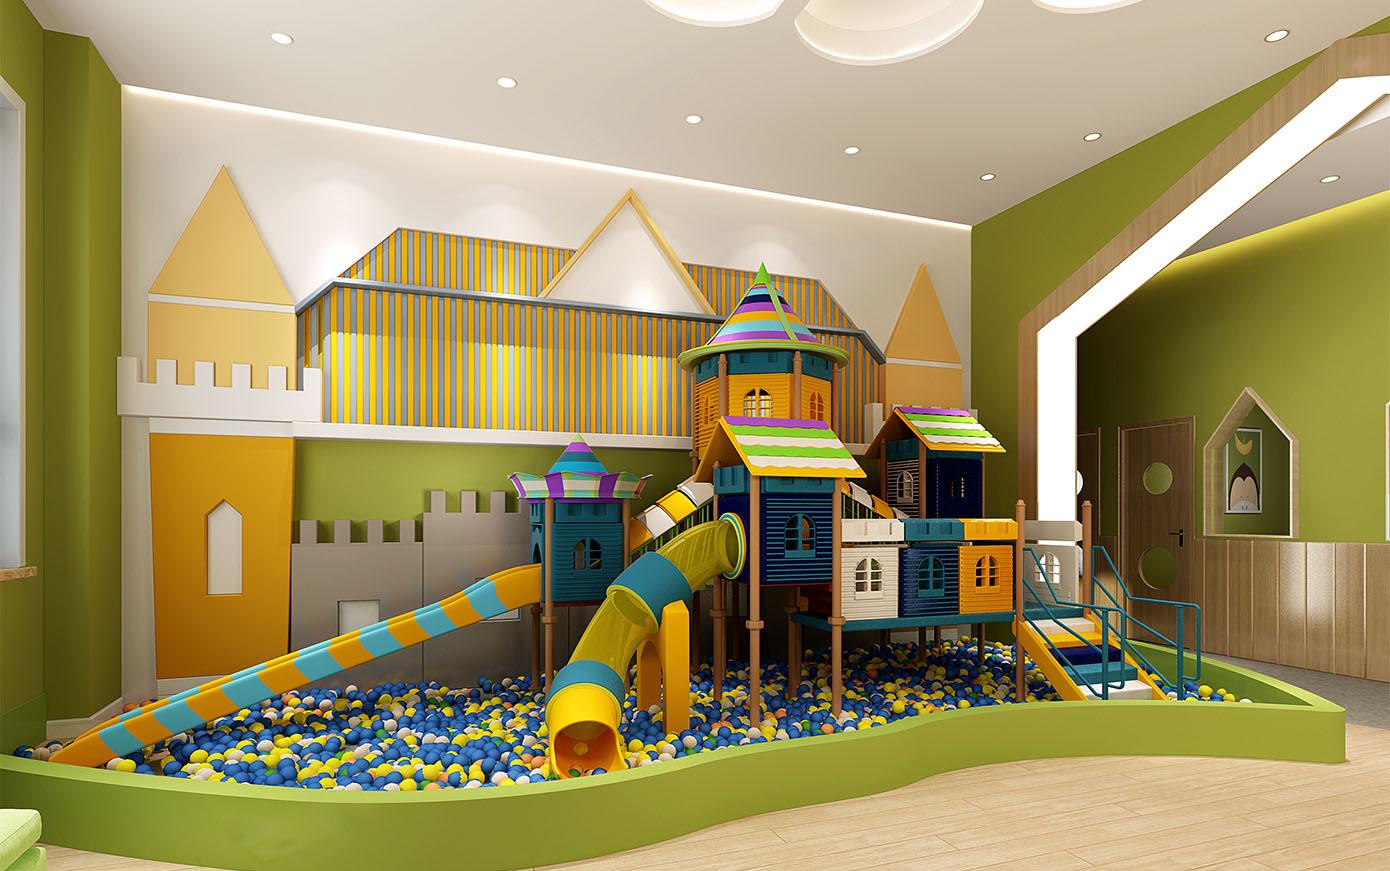 纽伦堡儿童之家,利时百货,550平方